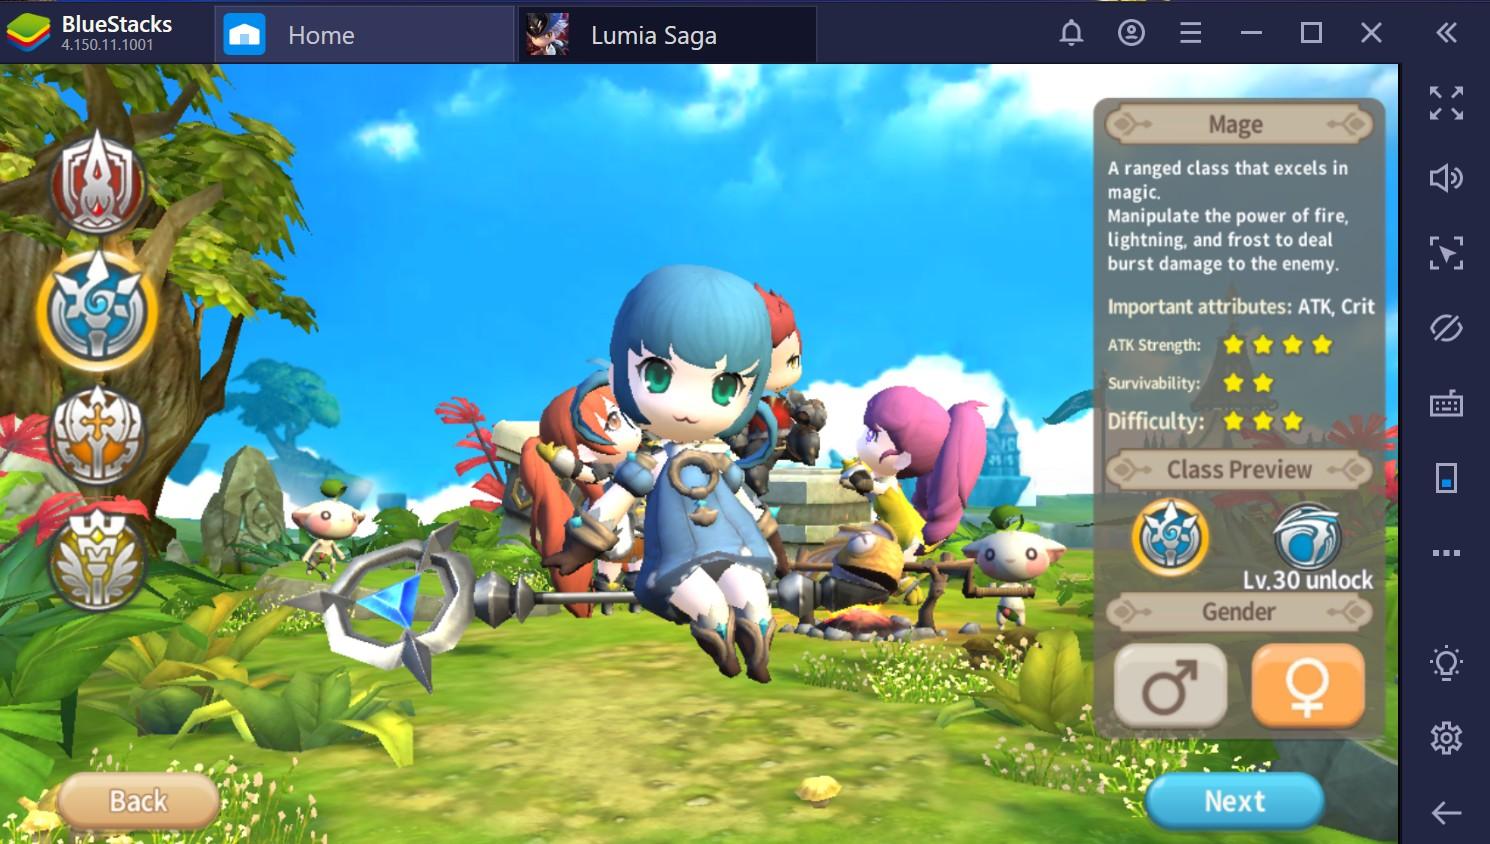 Lumia Saga: dicas e truques para evoluir no game